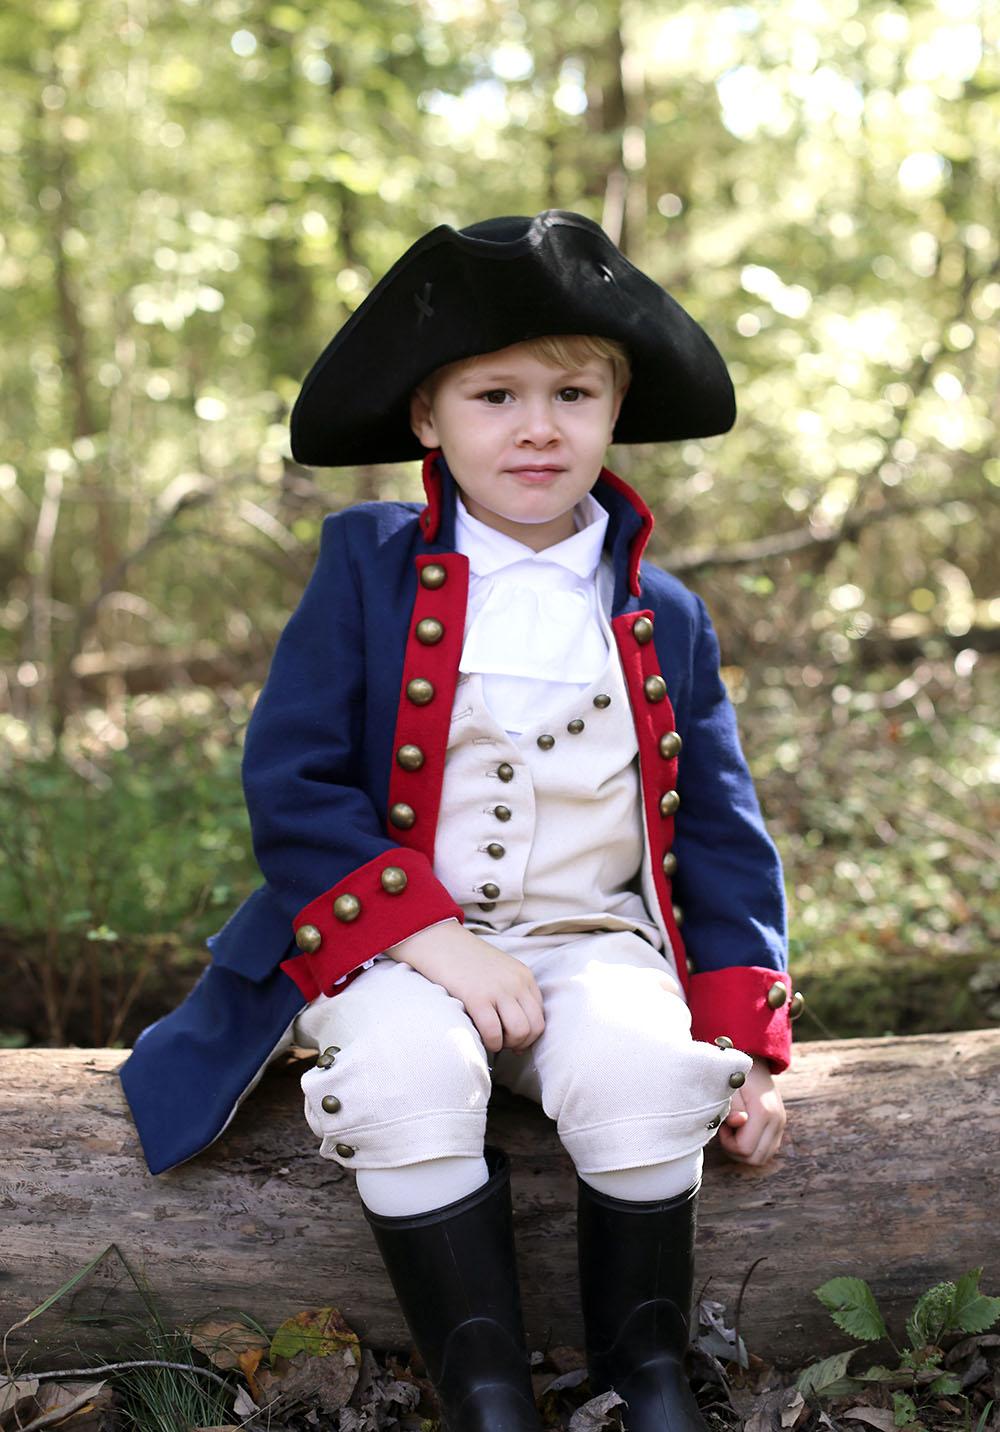 Little Alexander Hamilton Halloween Costume